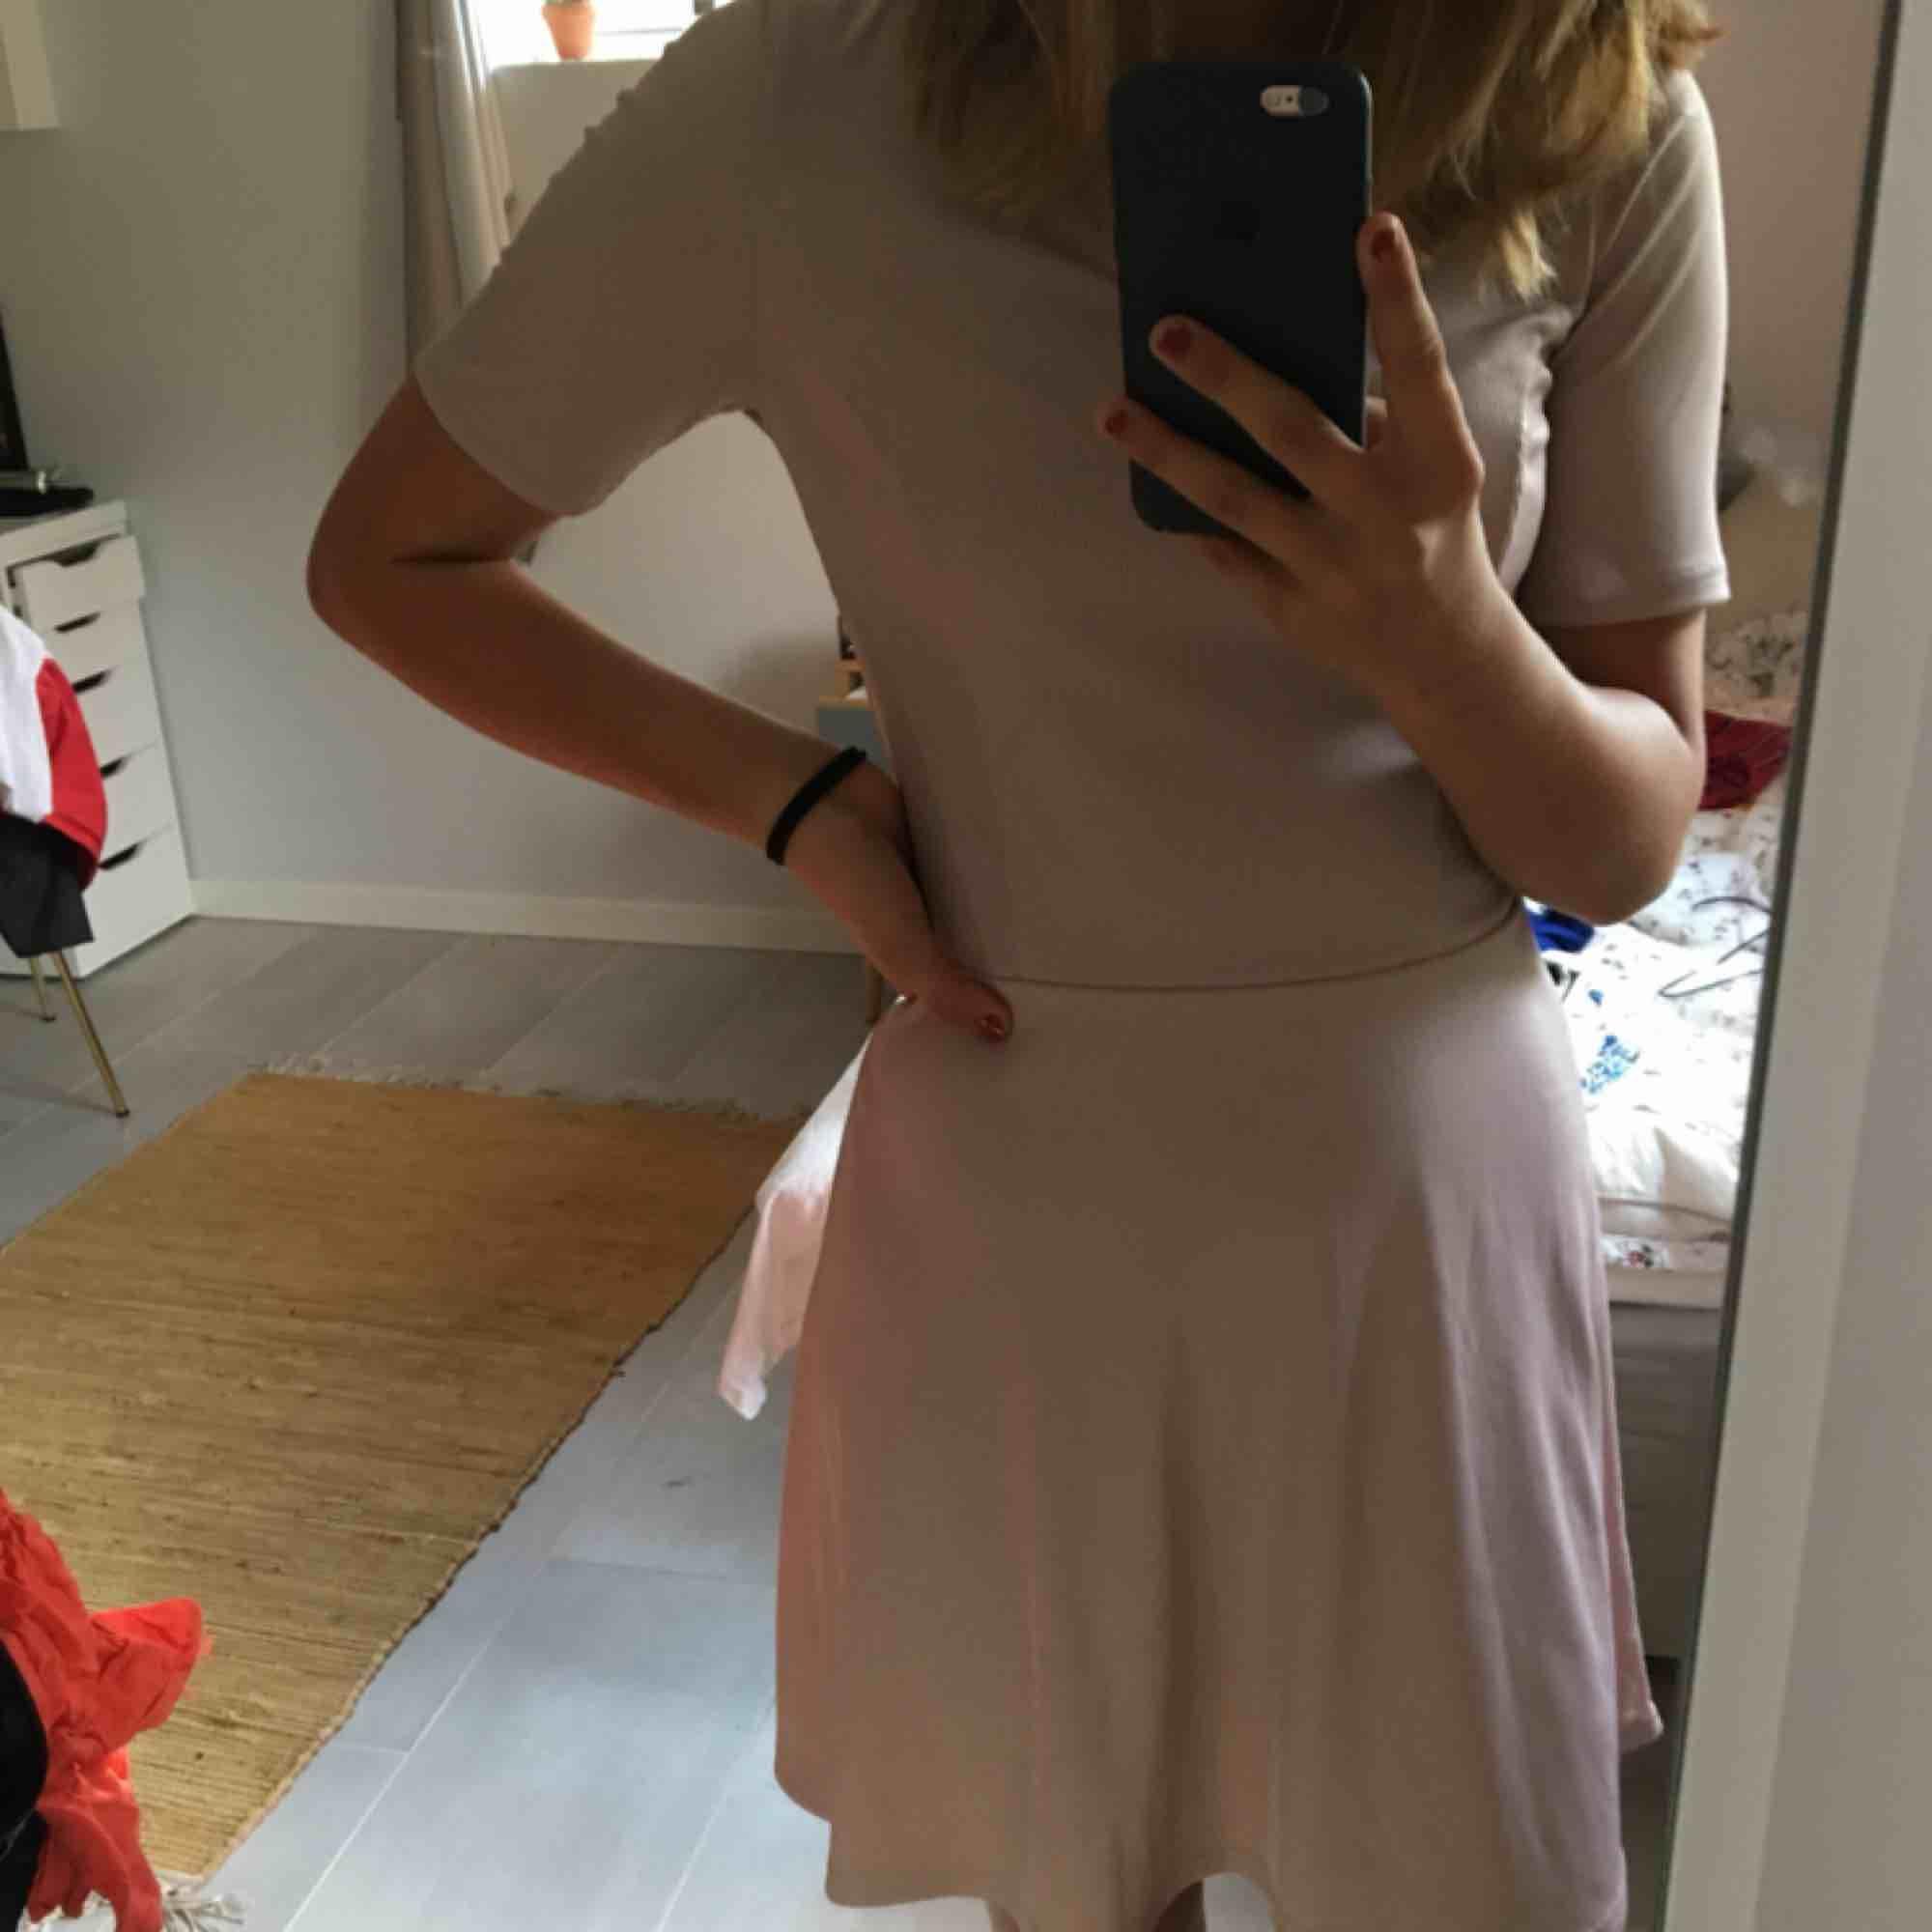 Jättesöt gammeldagsrosa klänning från hm meden liten öppning där fram. Går ungefär till knäna på mig som är 167cm:). Klänningar.